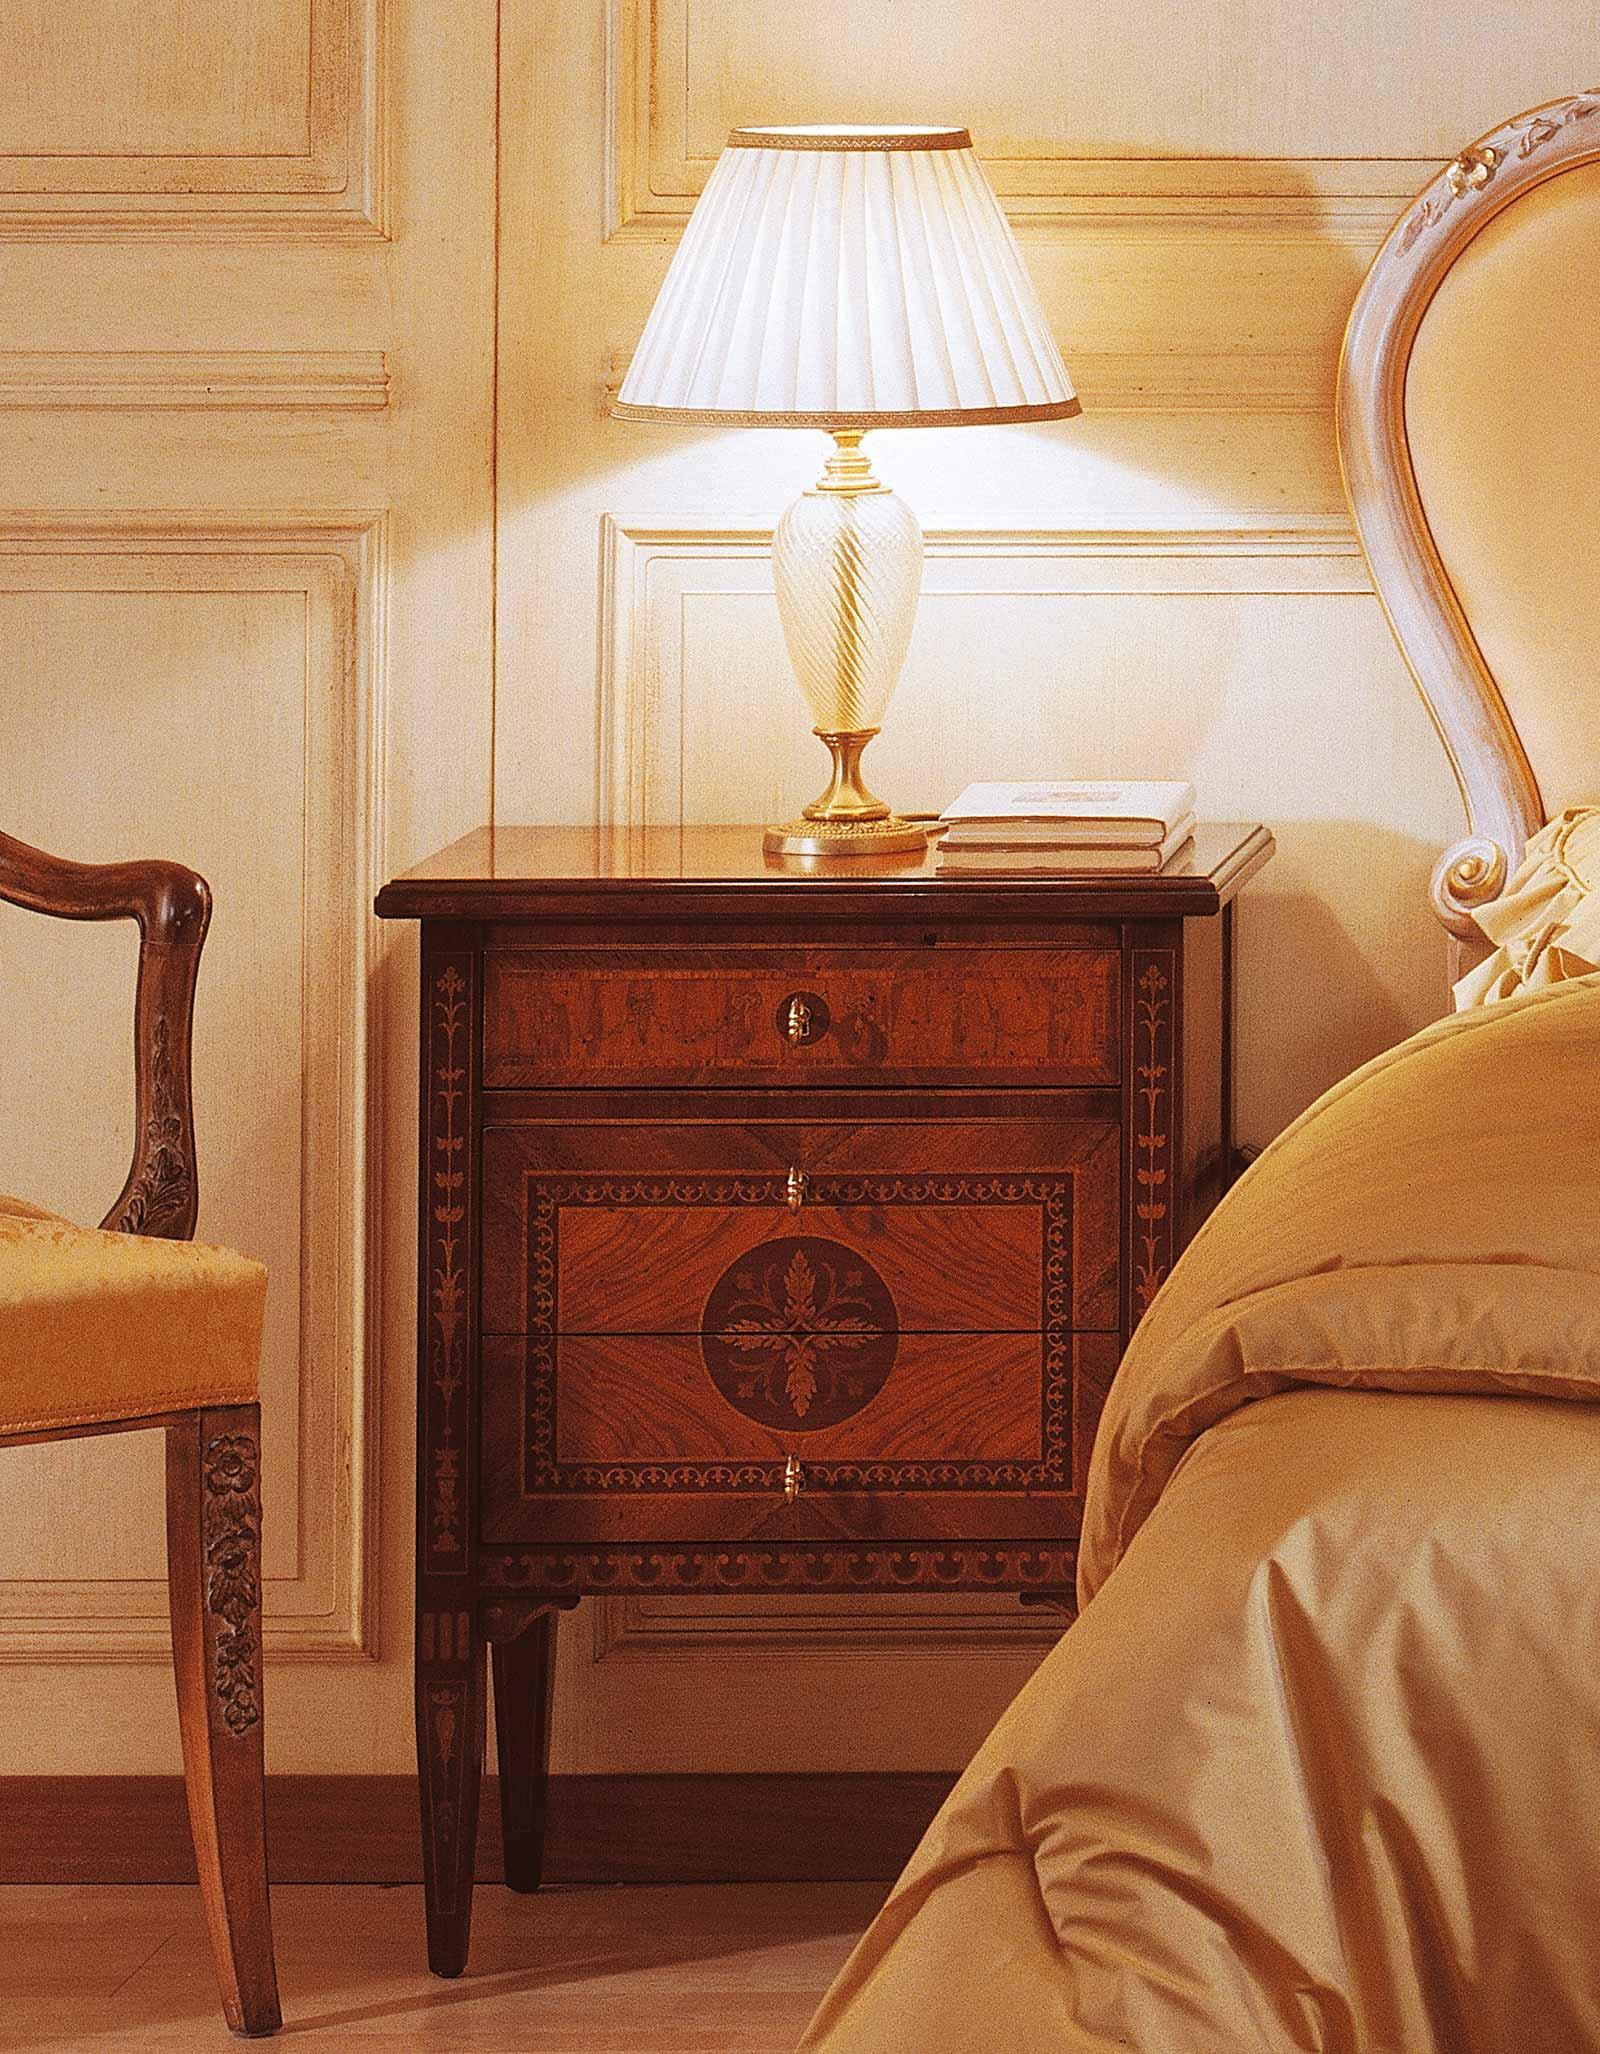 Camera da letto classica in stile i maggiolini comodino in noce e ulivo vimercati meda - Camera da letto in noce ...